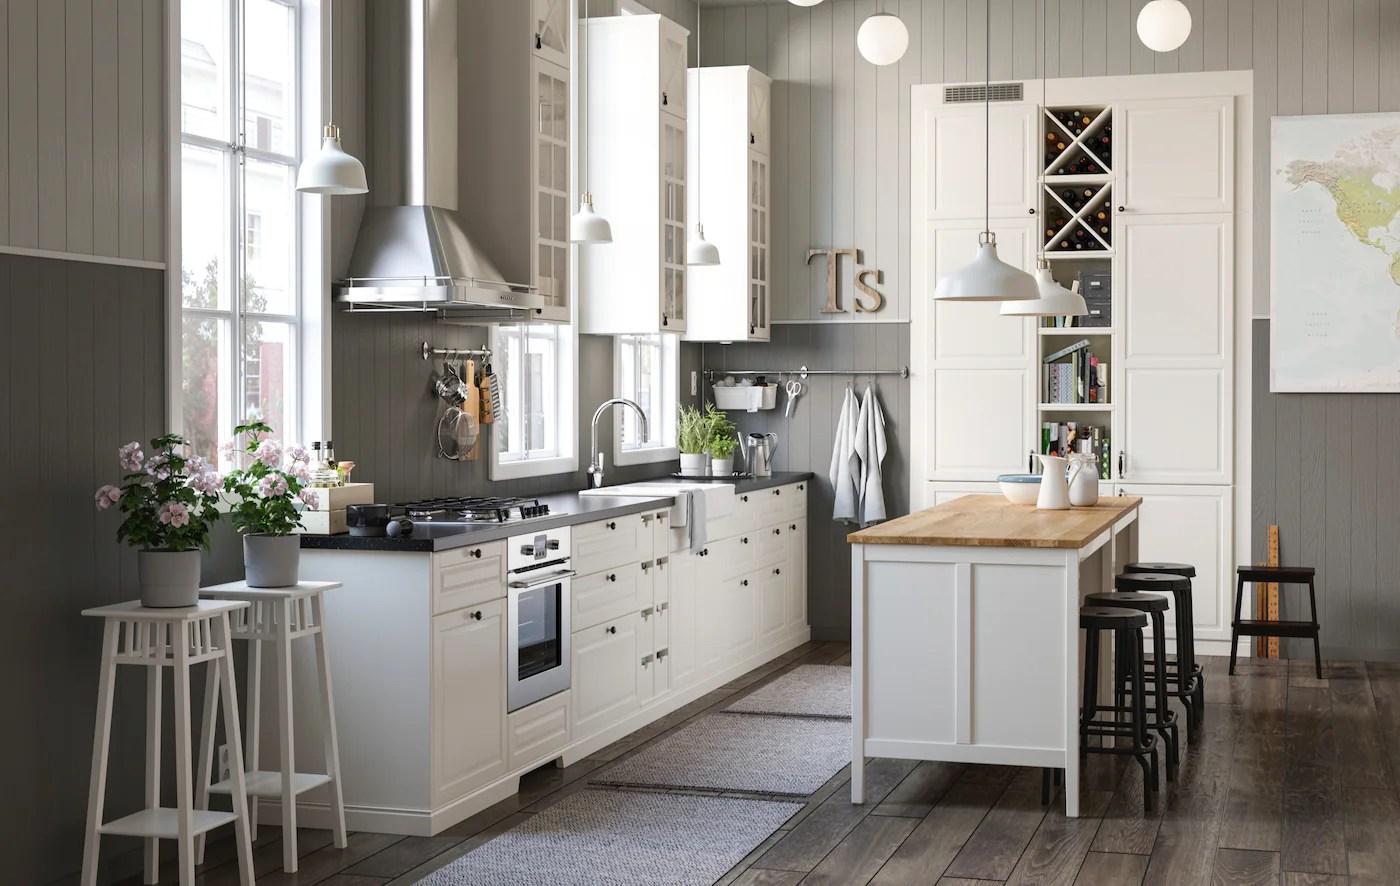 Kche  Kchenmbel fr dein Zuhause  IKEA